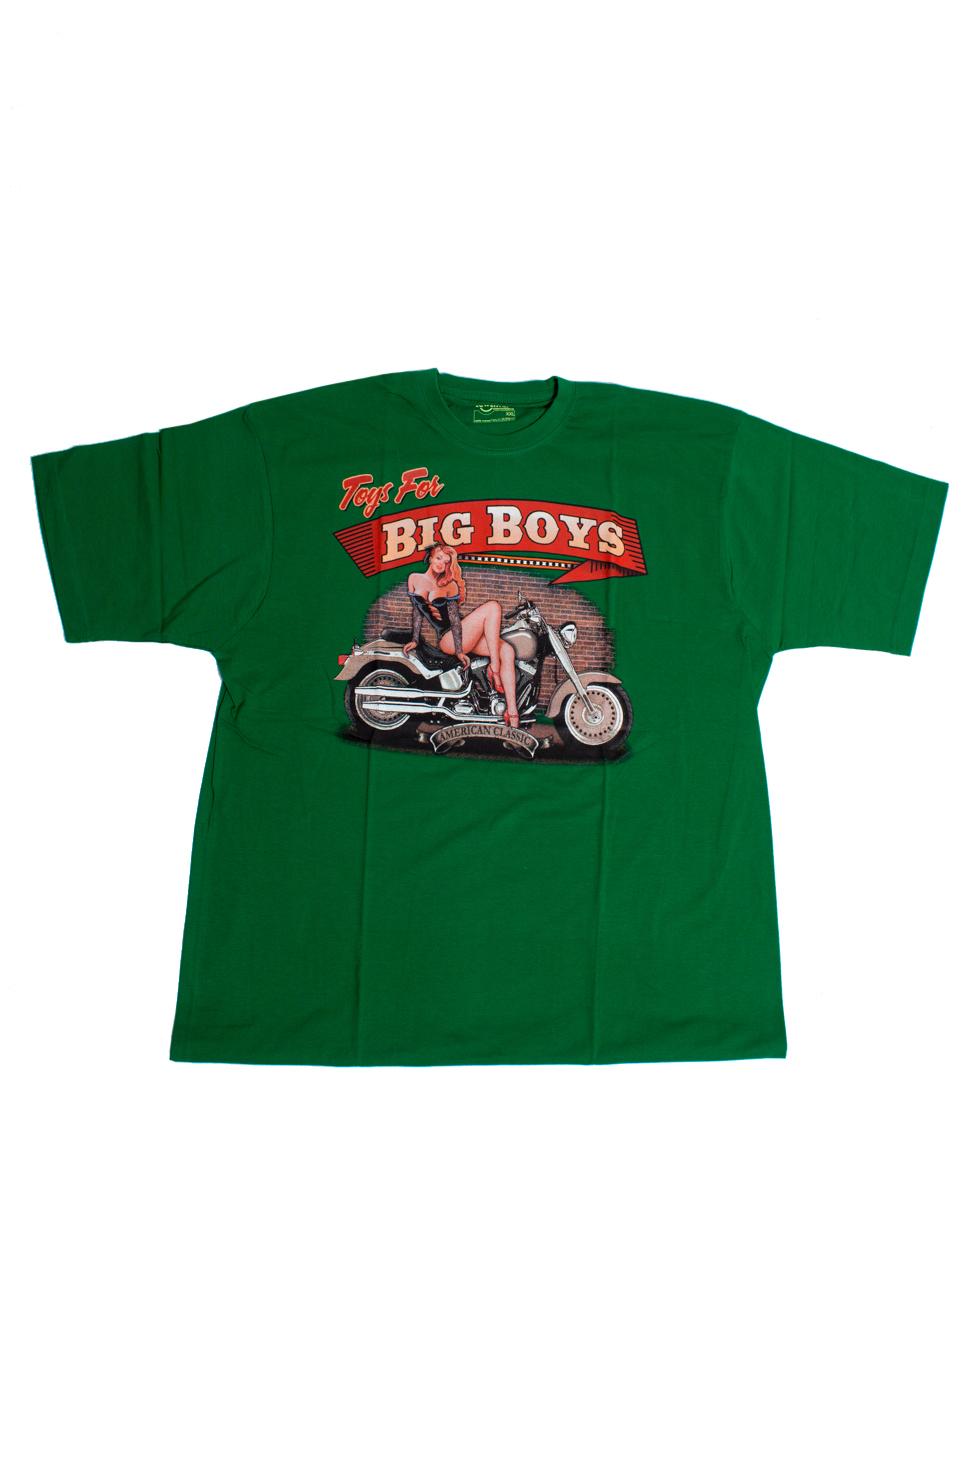 ФутболкаФутболки<br>Качественная мужская футболка пошитая из кулирной пряжи по новой технологии без боковых швов и состоит из 100% хлопка.  В изделии использованы цвета: зеленый и др.  Ростовка изделия 175-180 см<br><br>По сезону: Всесезон<br>Размер : 54-56<br>Материал: Трикотаж<br>Количество в наличии: 1